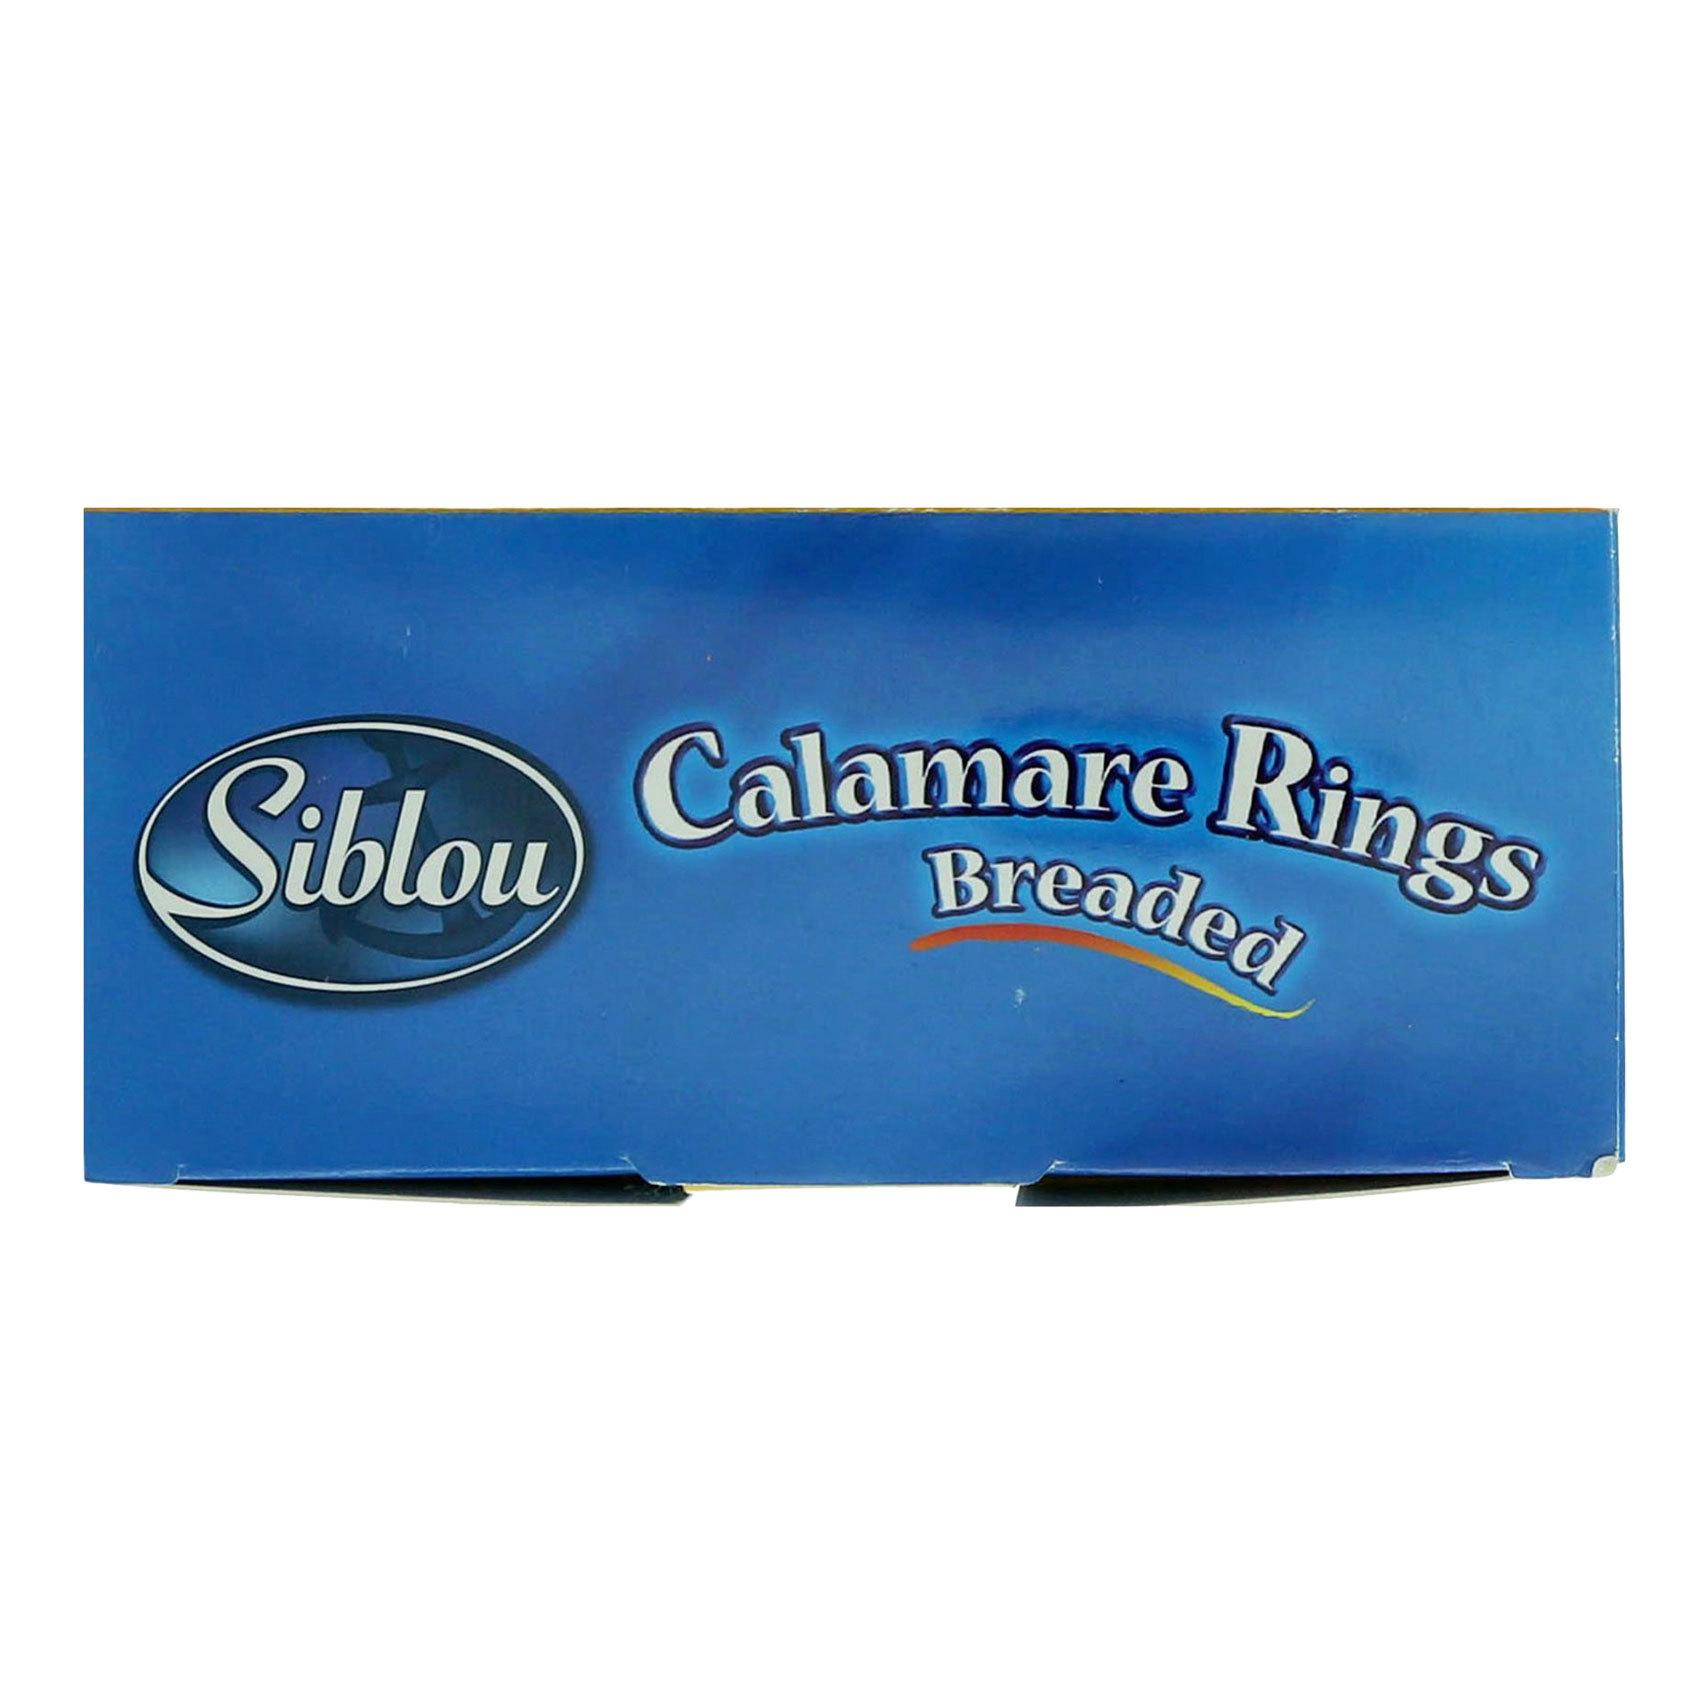 SIBLOU BREADED CALAMARI 400G